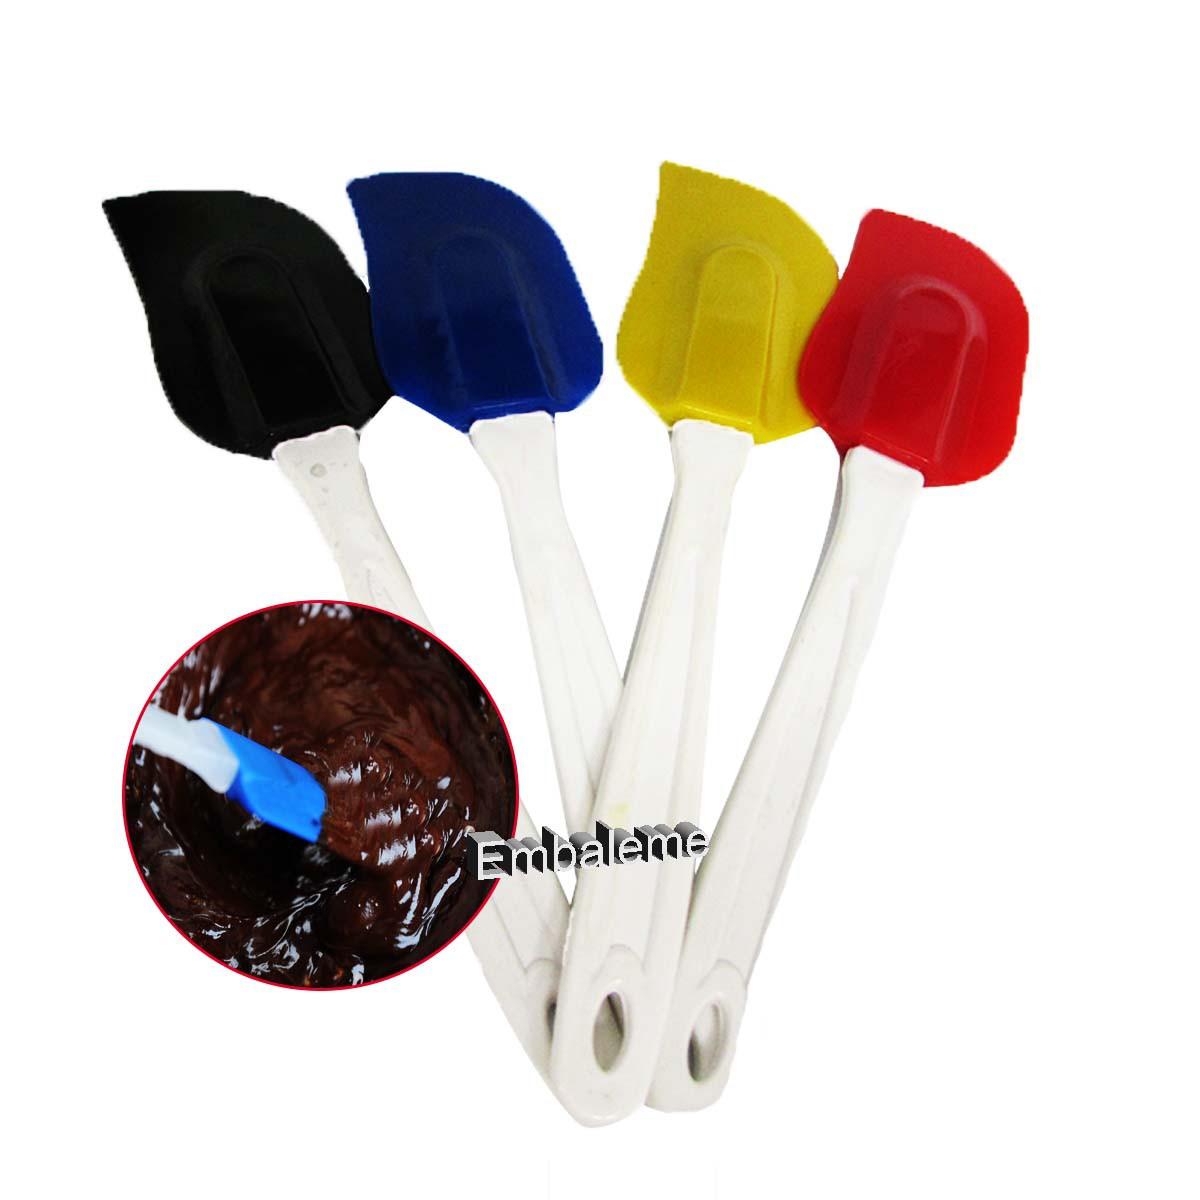 Espátula Silicone Pão Duro (cores variadas) 1 unidade